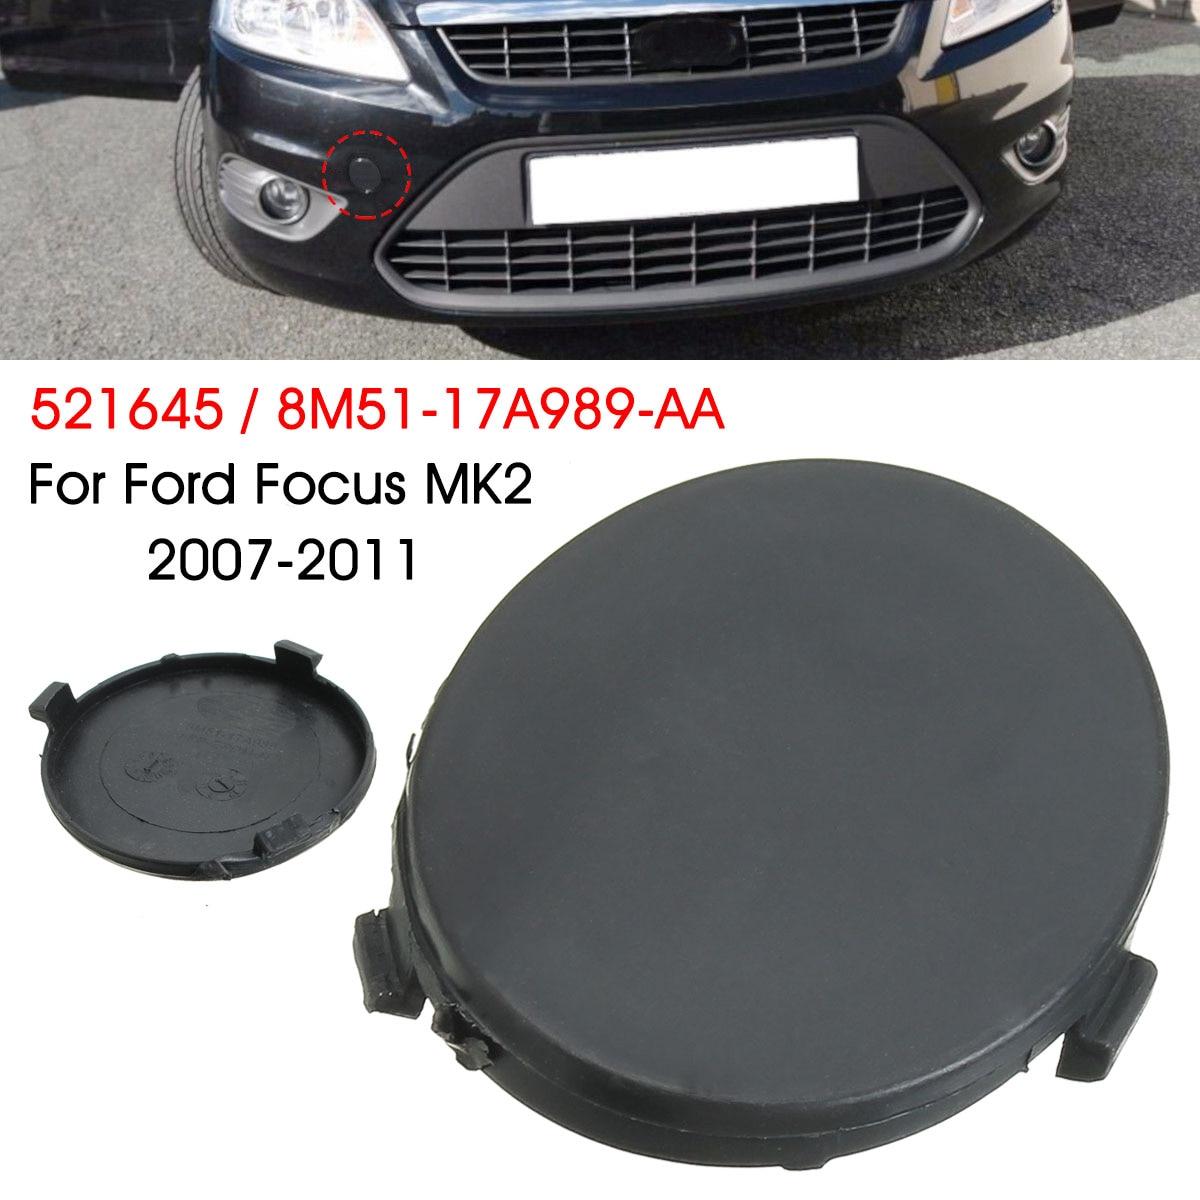 Автомобильный Черный передний бампер, буксировочный крючок, крышка для FORD FOCUS MK2 для C-Max 2007-2011 8M5117A989AA